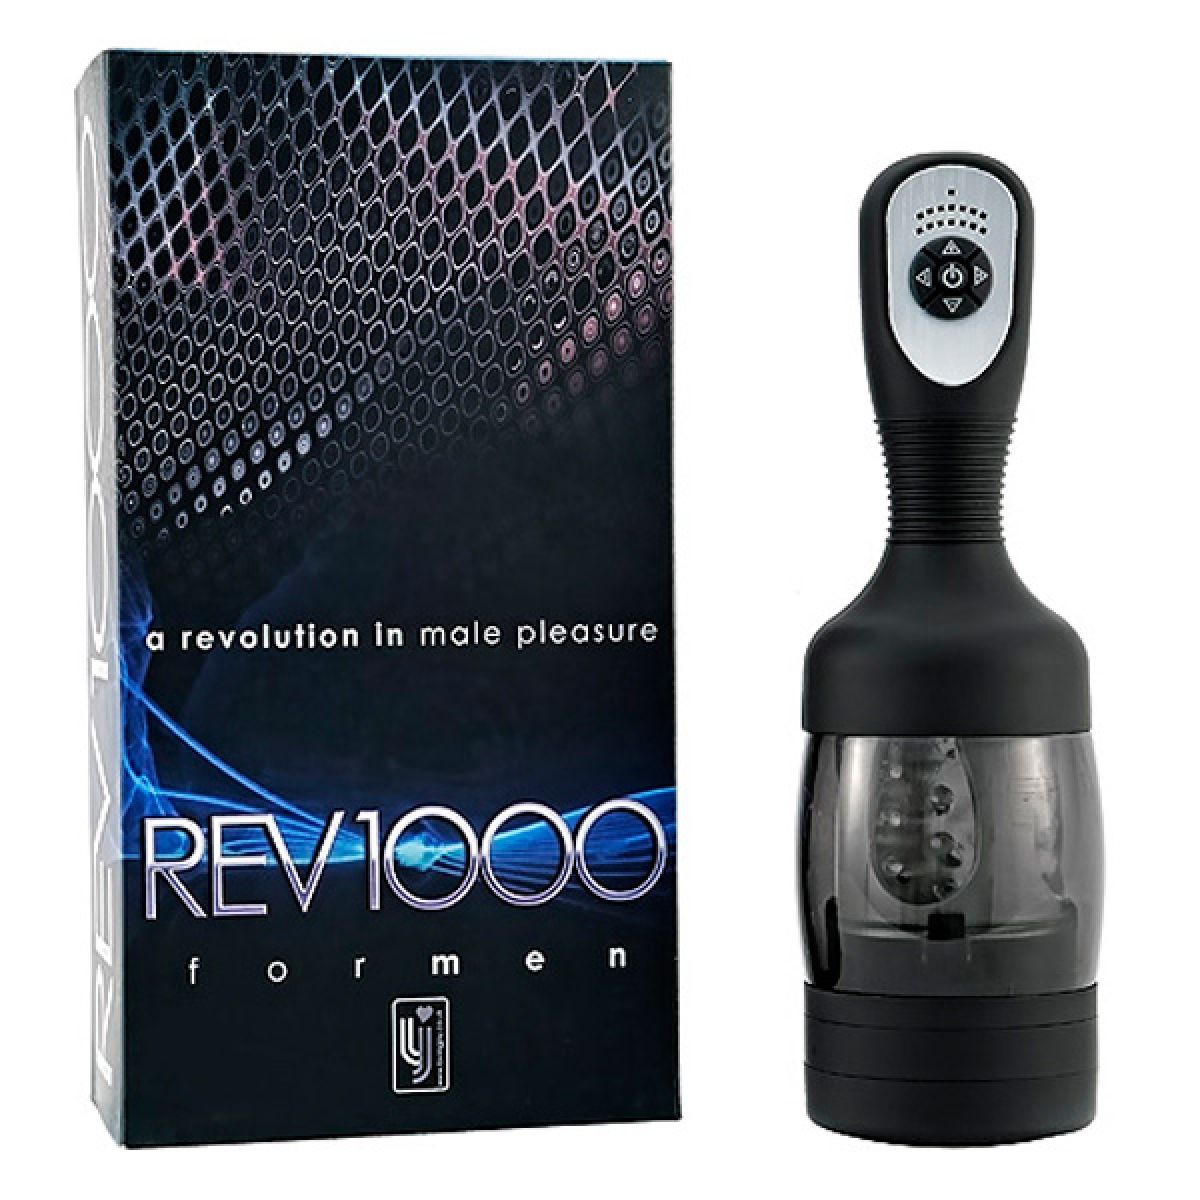 REV1000 Roterende Onaniprodukt til Mænd